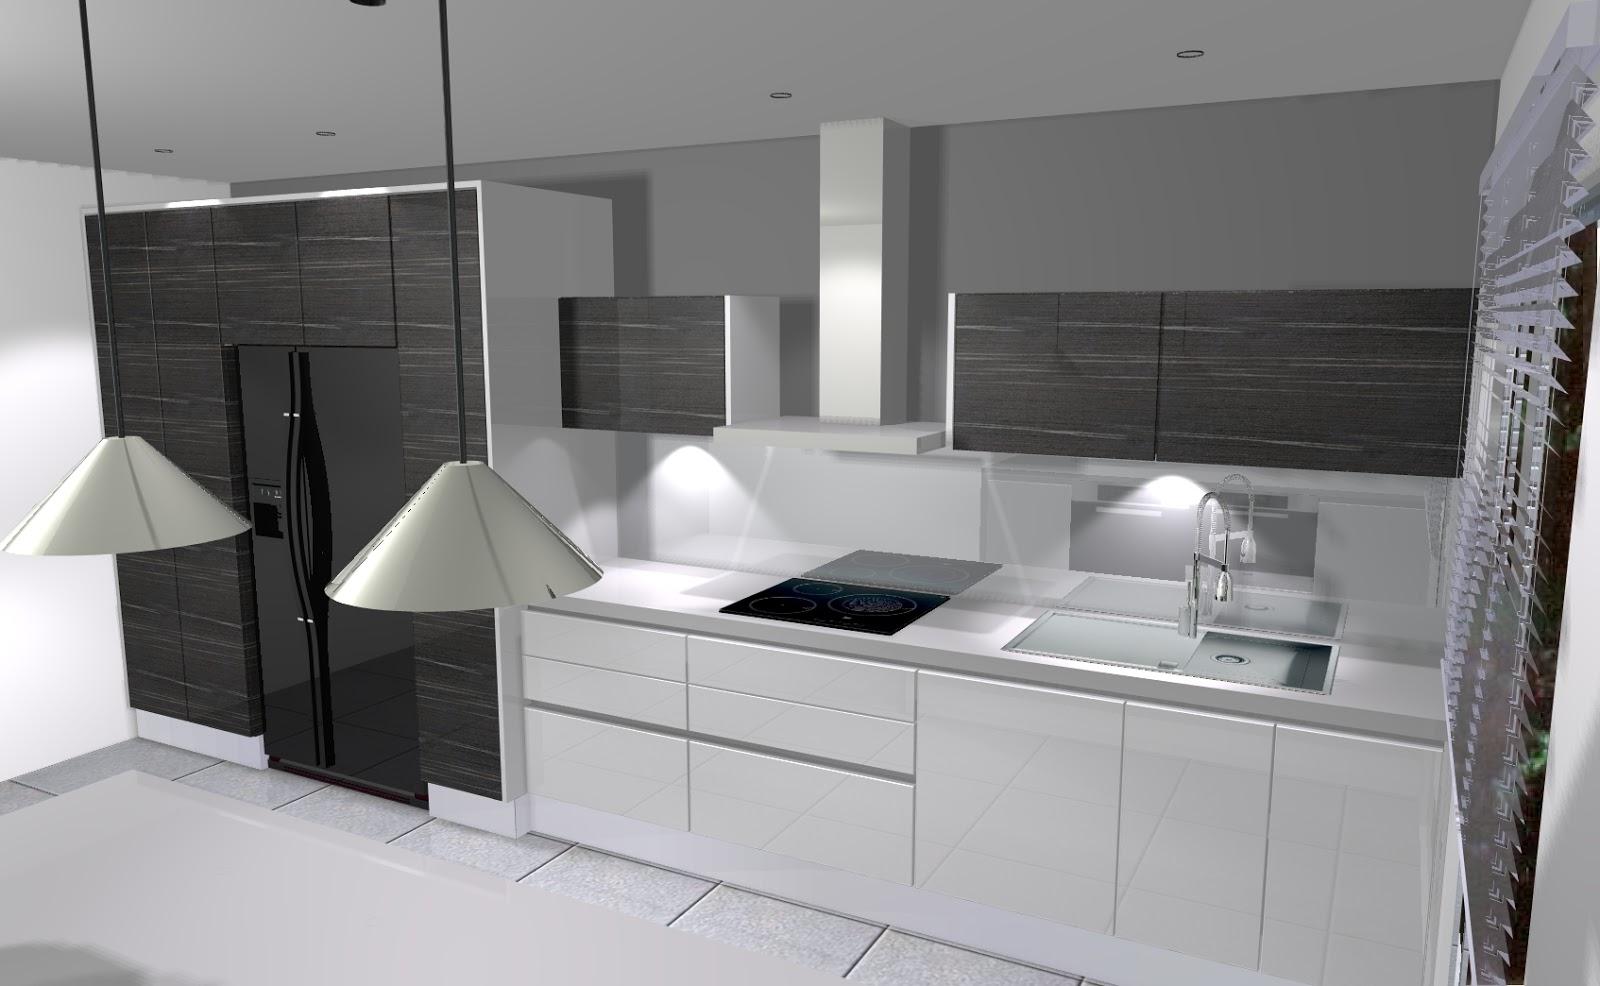 de remodelar a sua cozinha ou de uma cozinha nova conte com a nossa  #696A61 1600 986